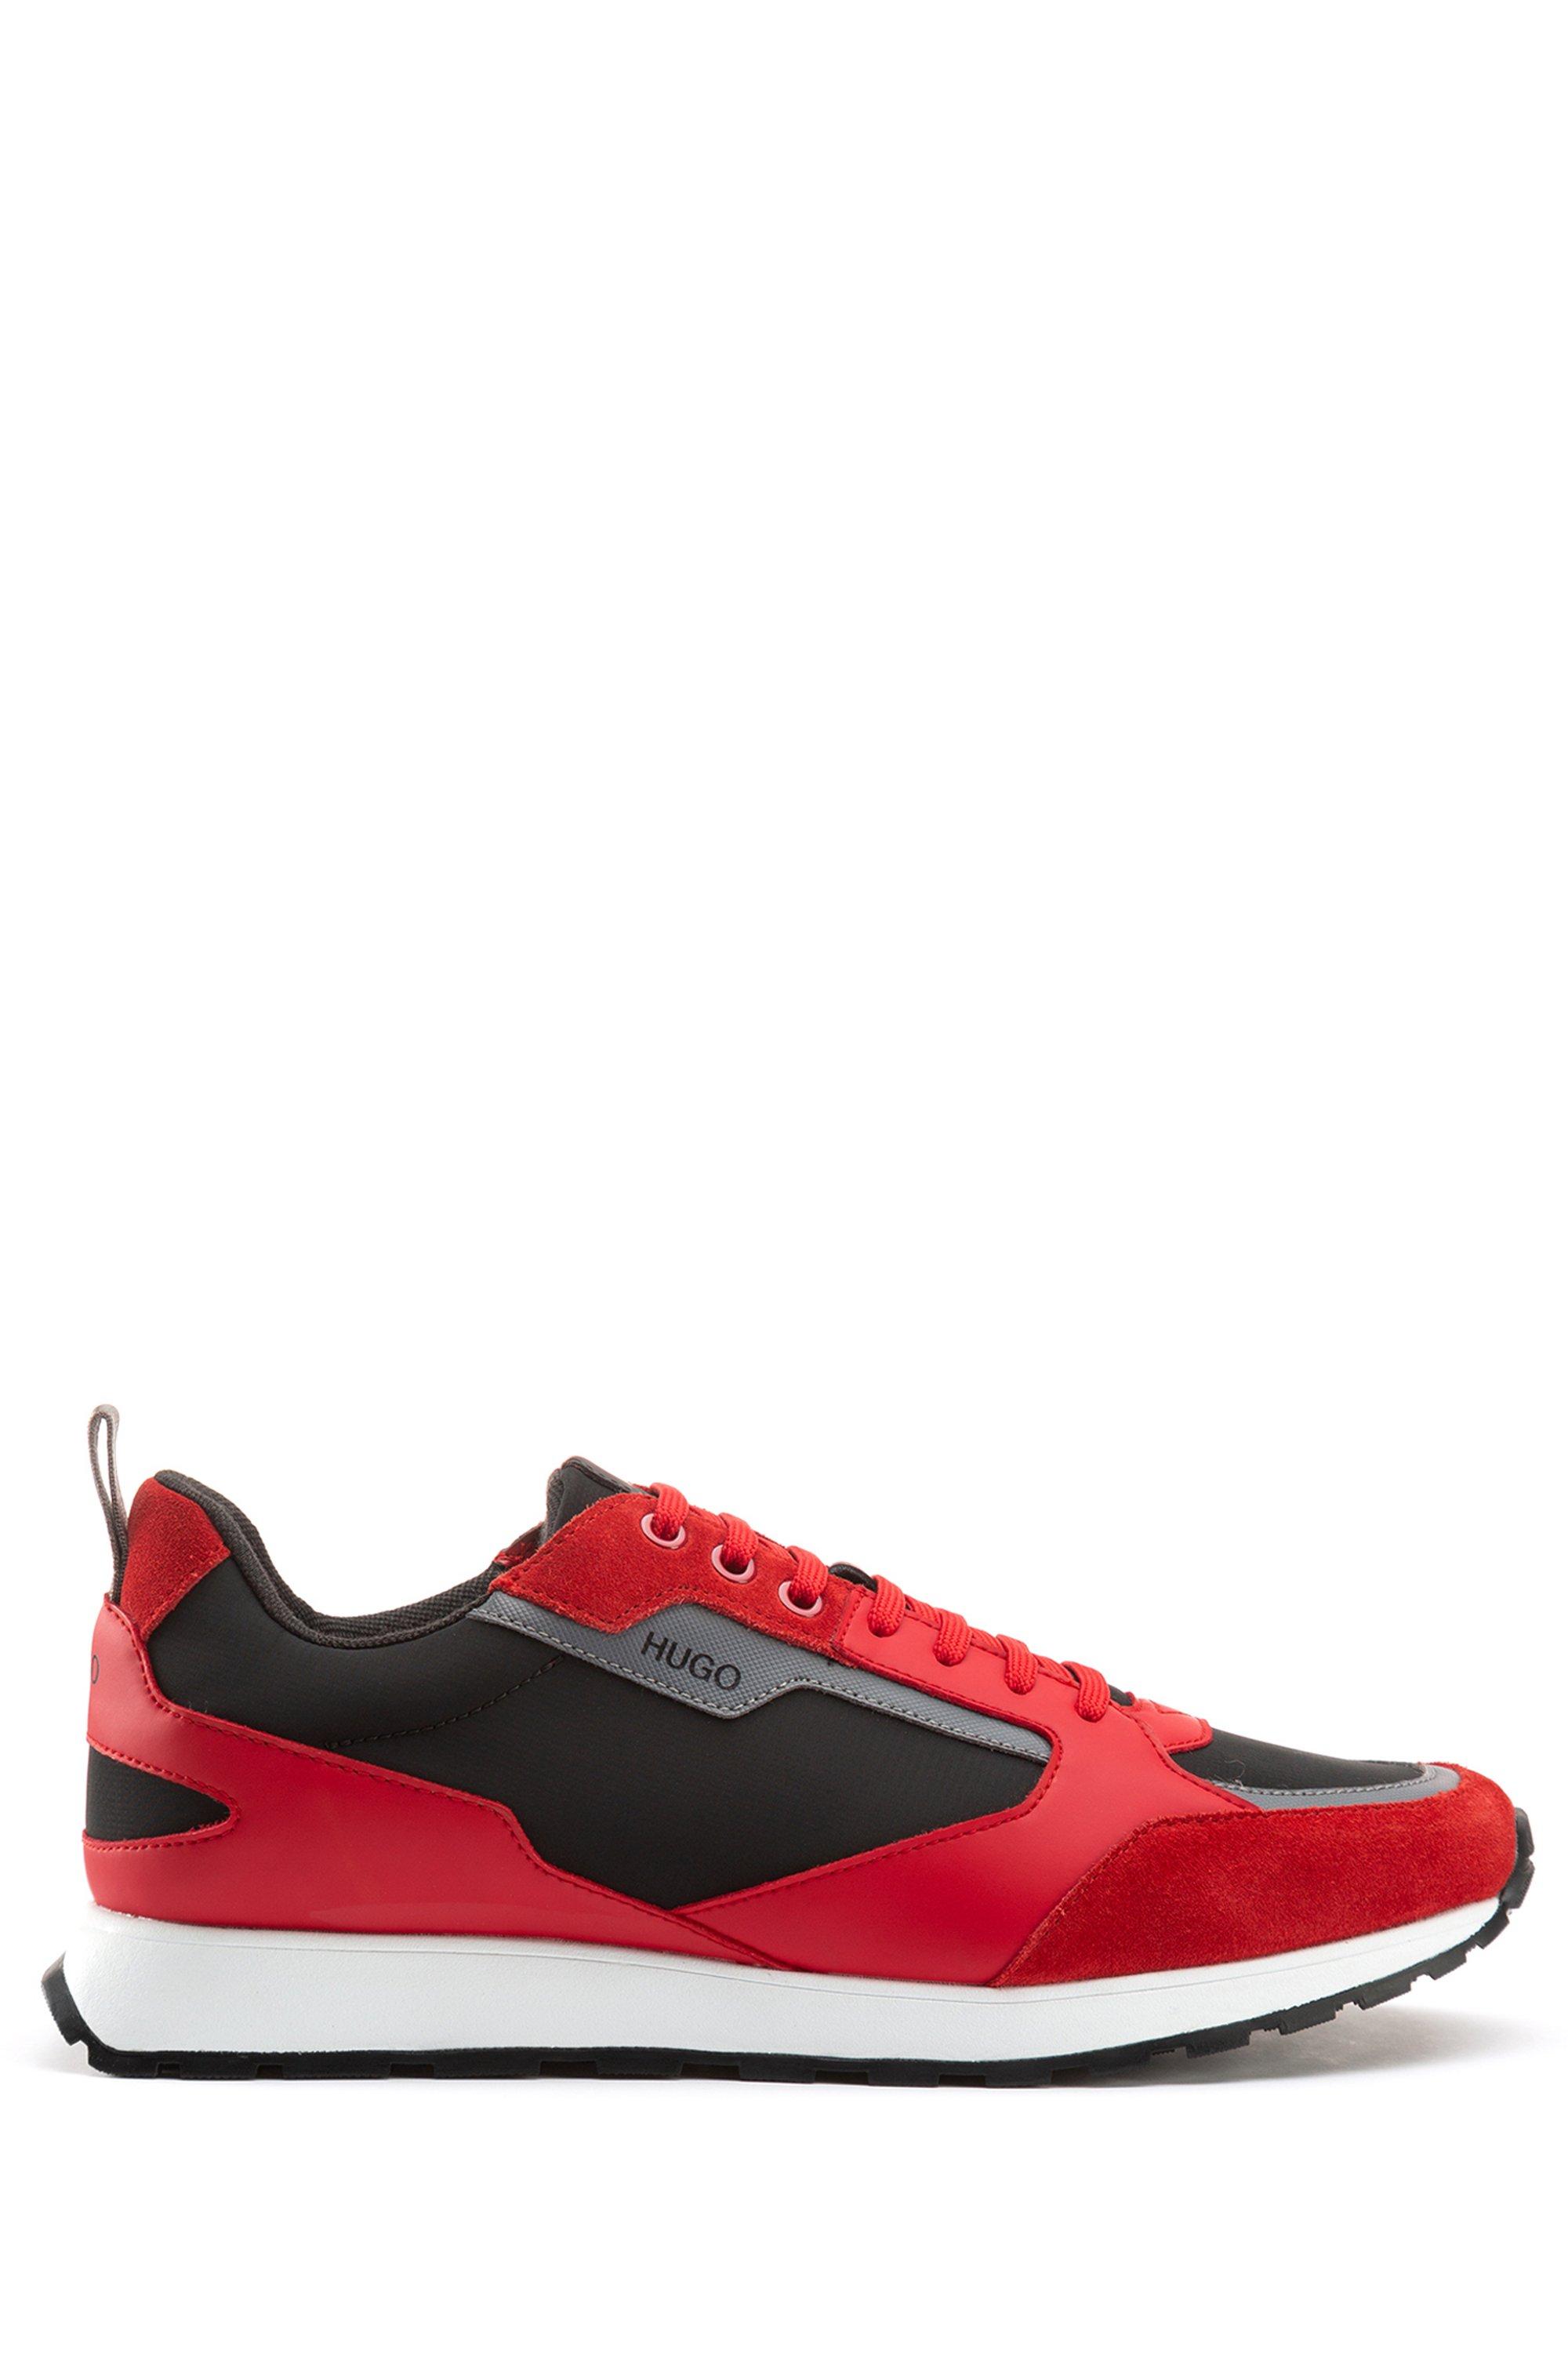 Sneakers im Retro-Look mit Veloursleder- und Mesh-Details, Hellrot